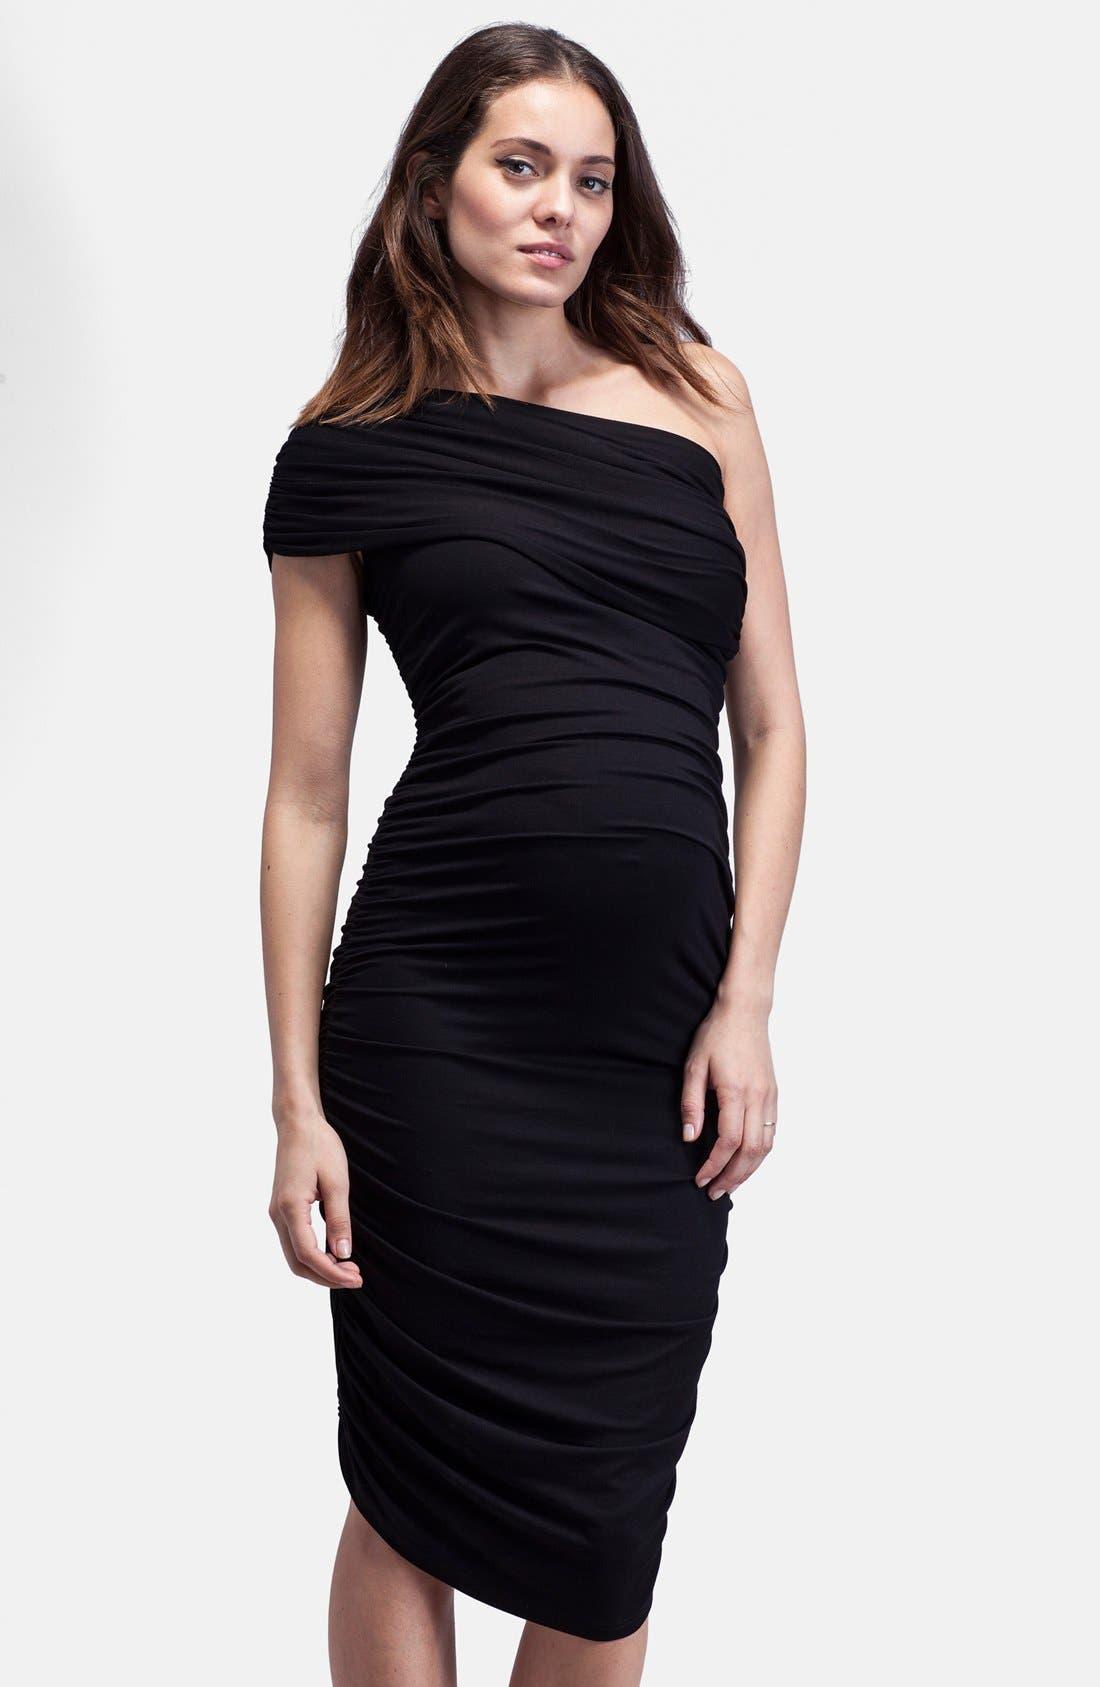 ISABELLA OLIVER Ruched One-Shoulder Maternity Dress, Main, color, 001